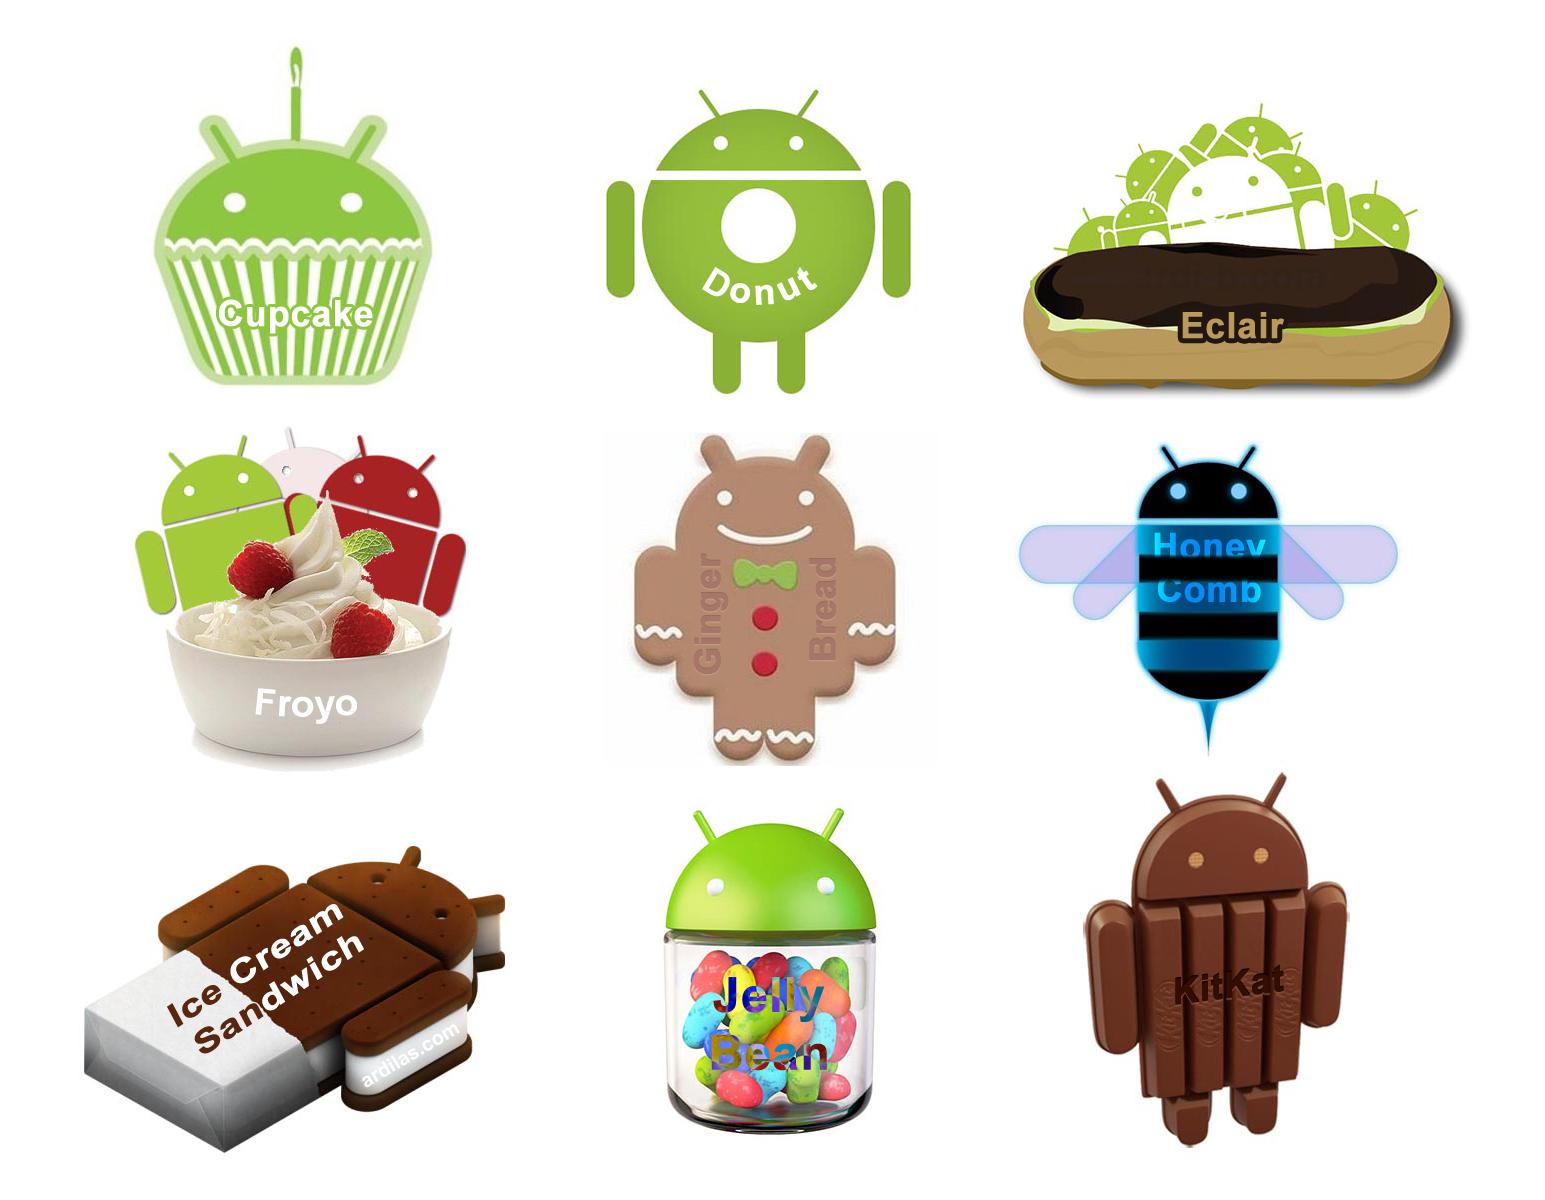 Semua Logo Android - Apa Itu Arti Android? Adalah Sistem Operasi Mobile - Google